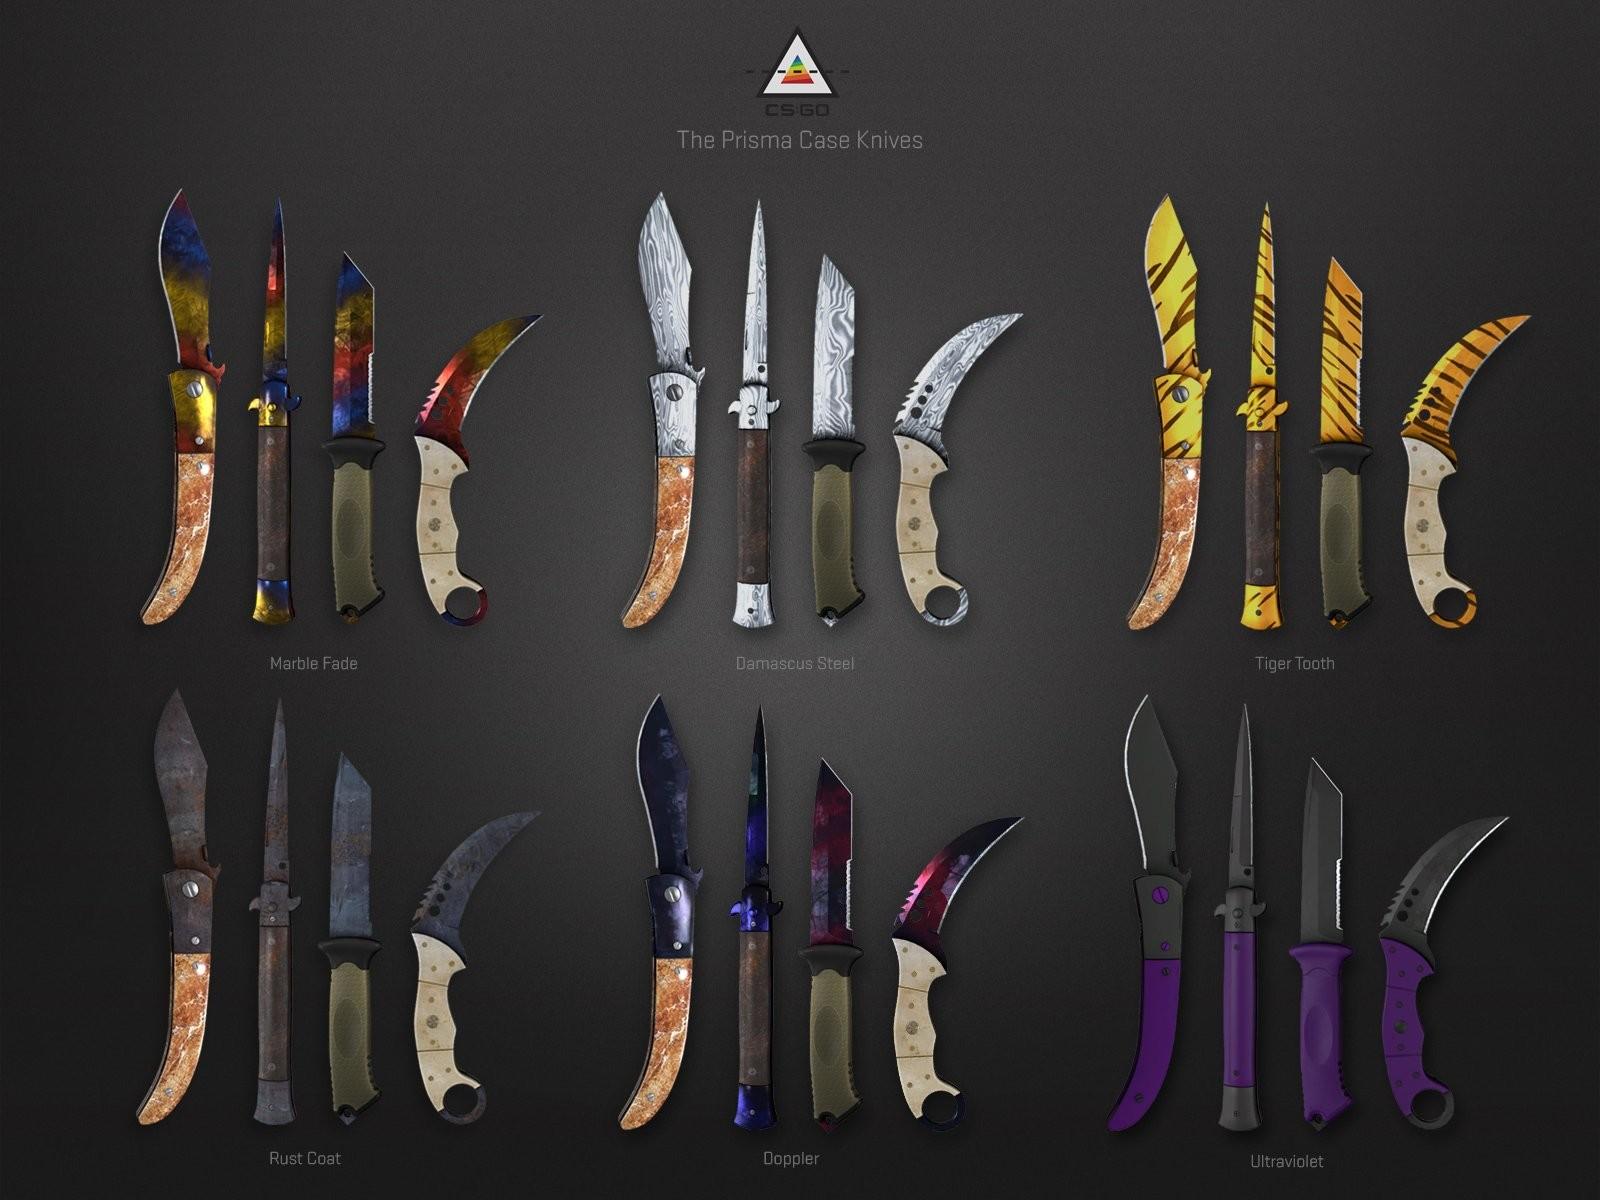 csgo prizma kasası bıçak skinleri